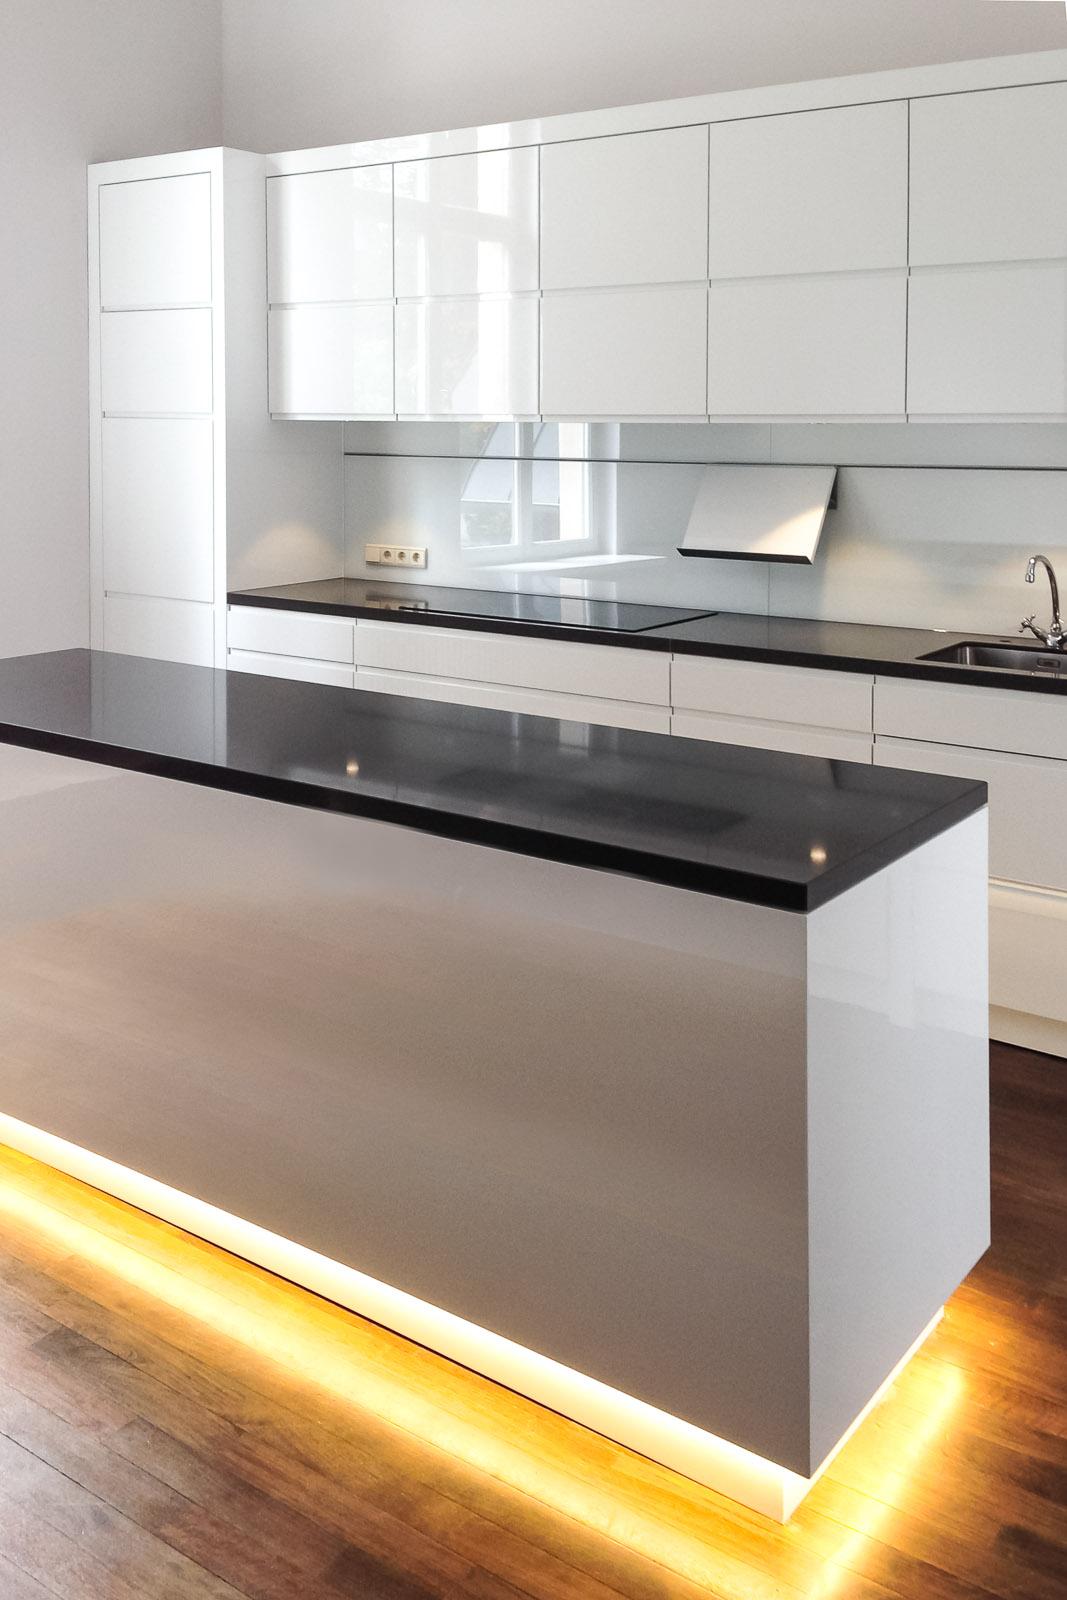 Erfreut Dosen Beleuchtung Küche Ideen - Ideen Für Die Küche ...